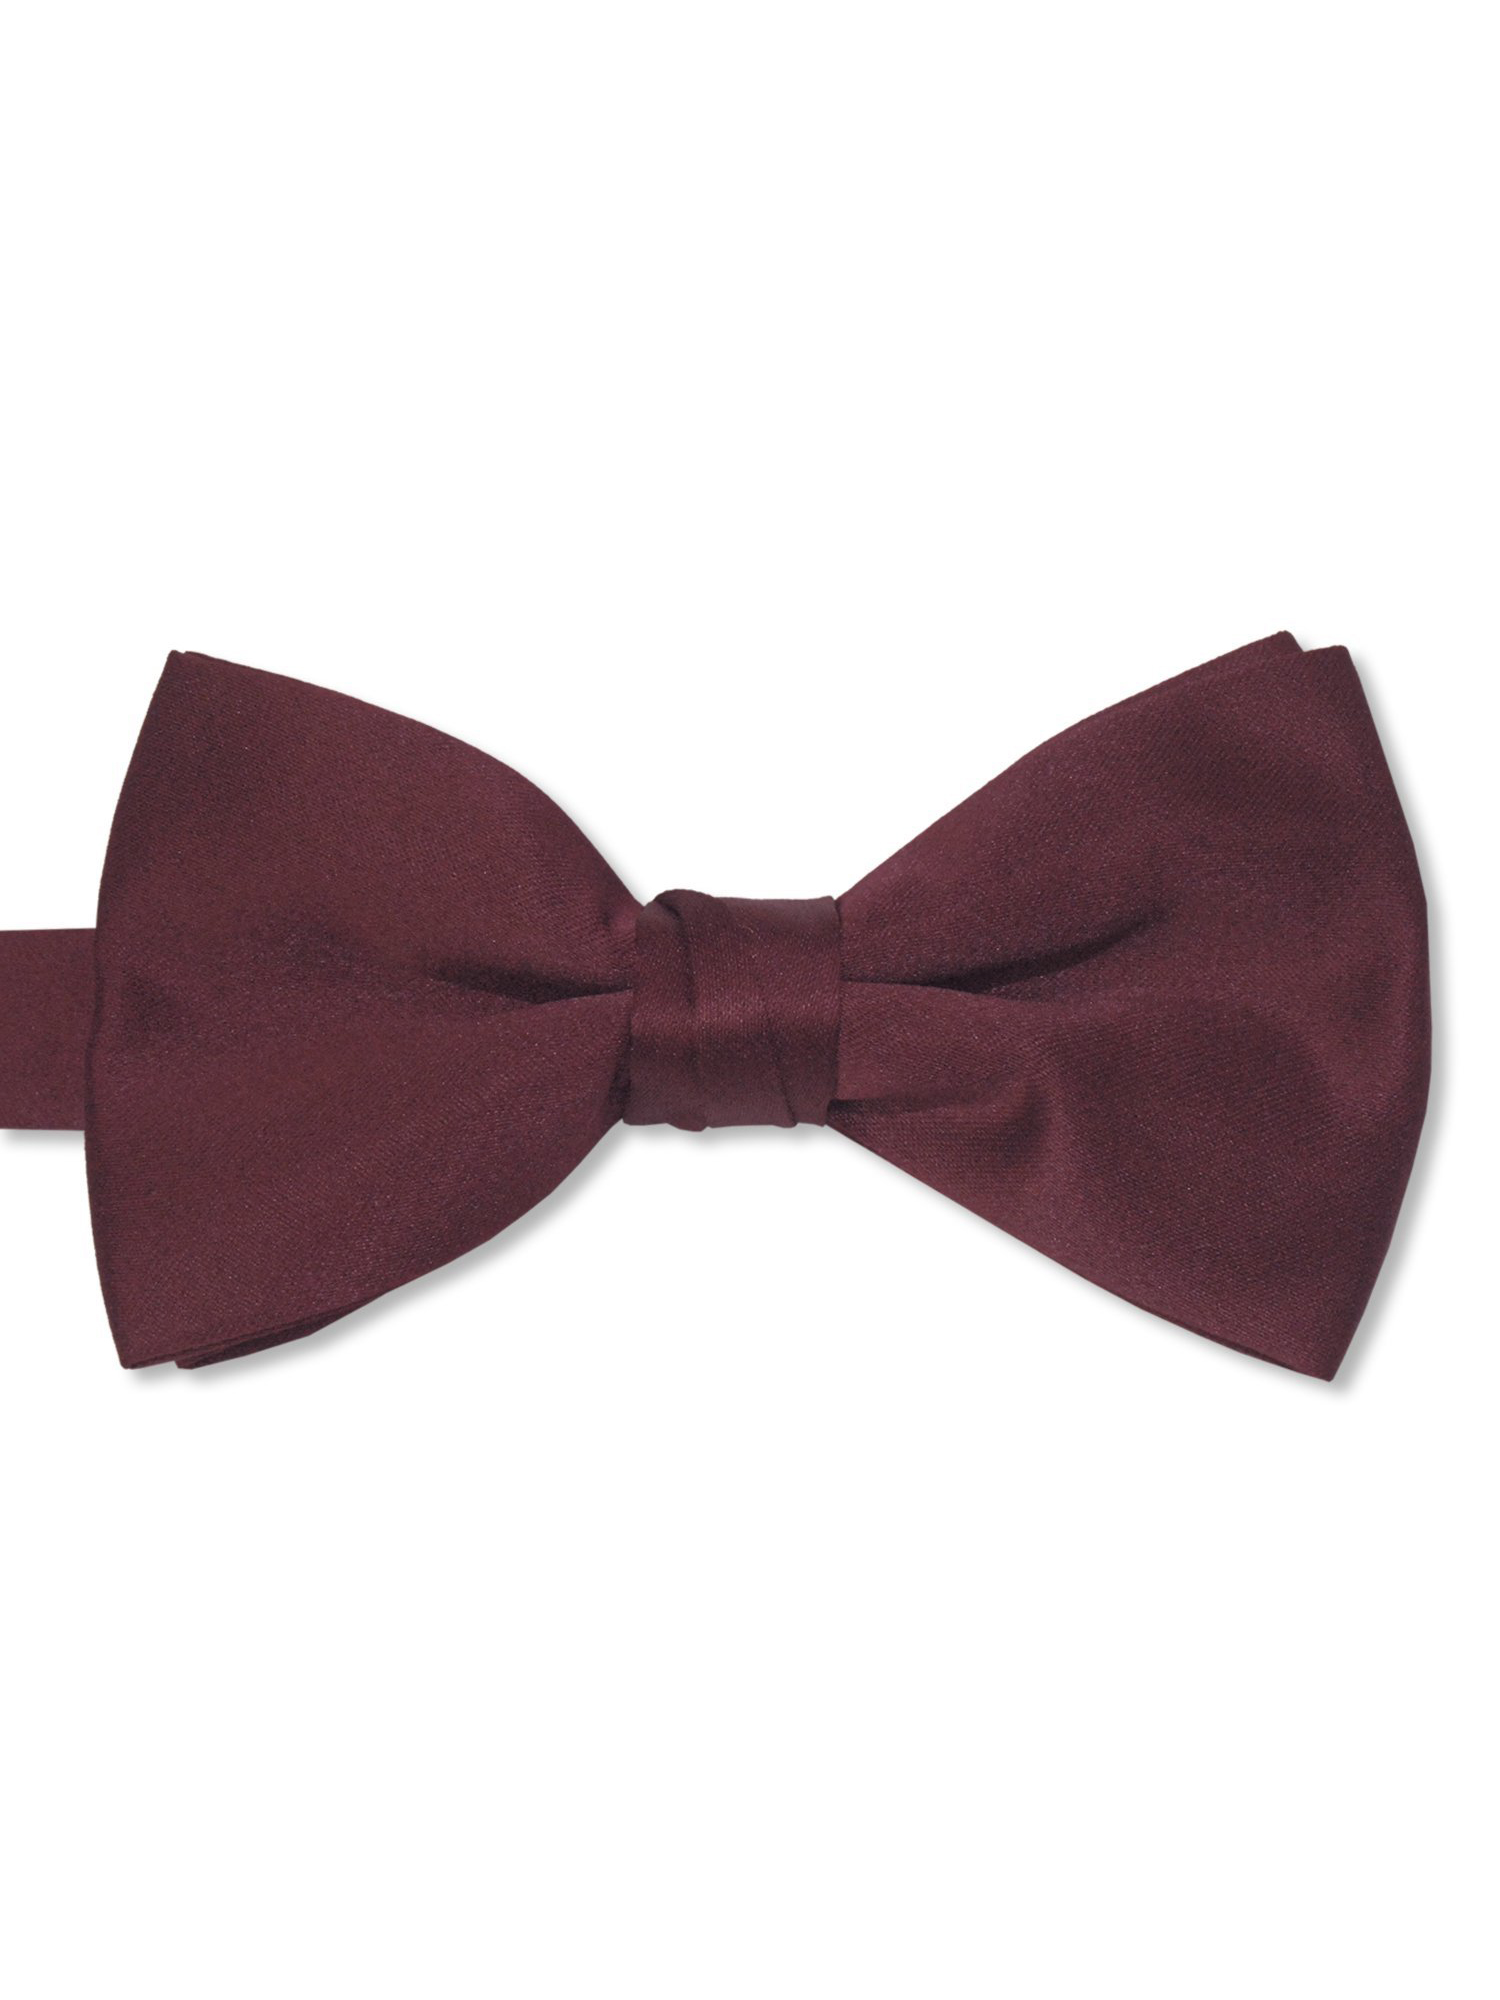 Avery Hill Boys Deluxe Satin Bow Tie Tuxedo